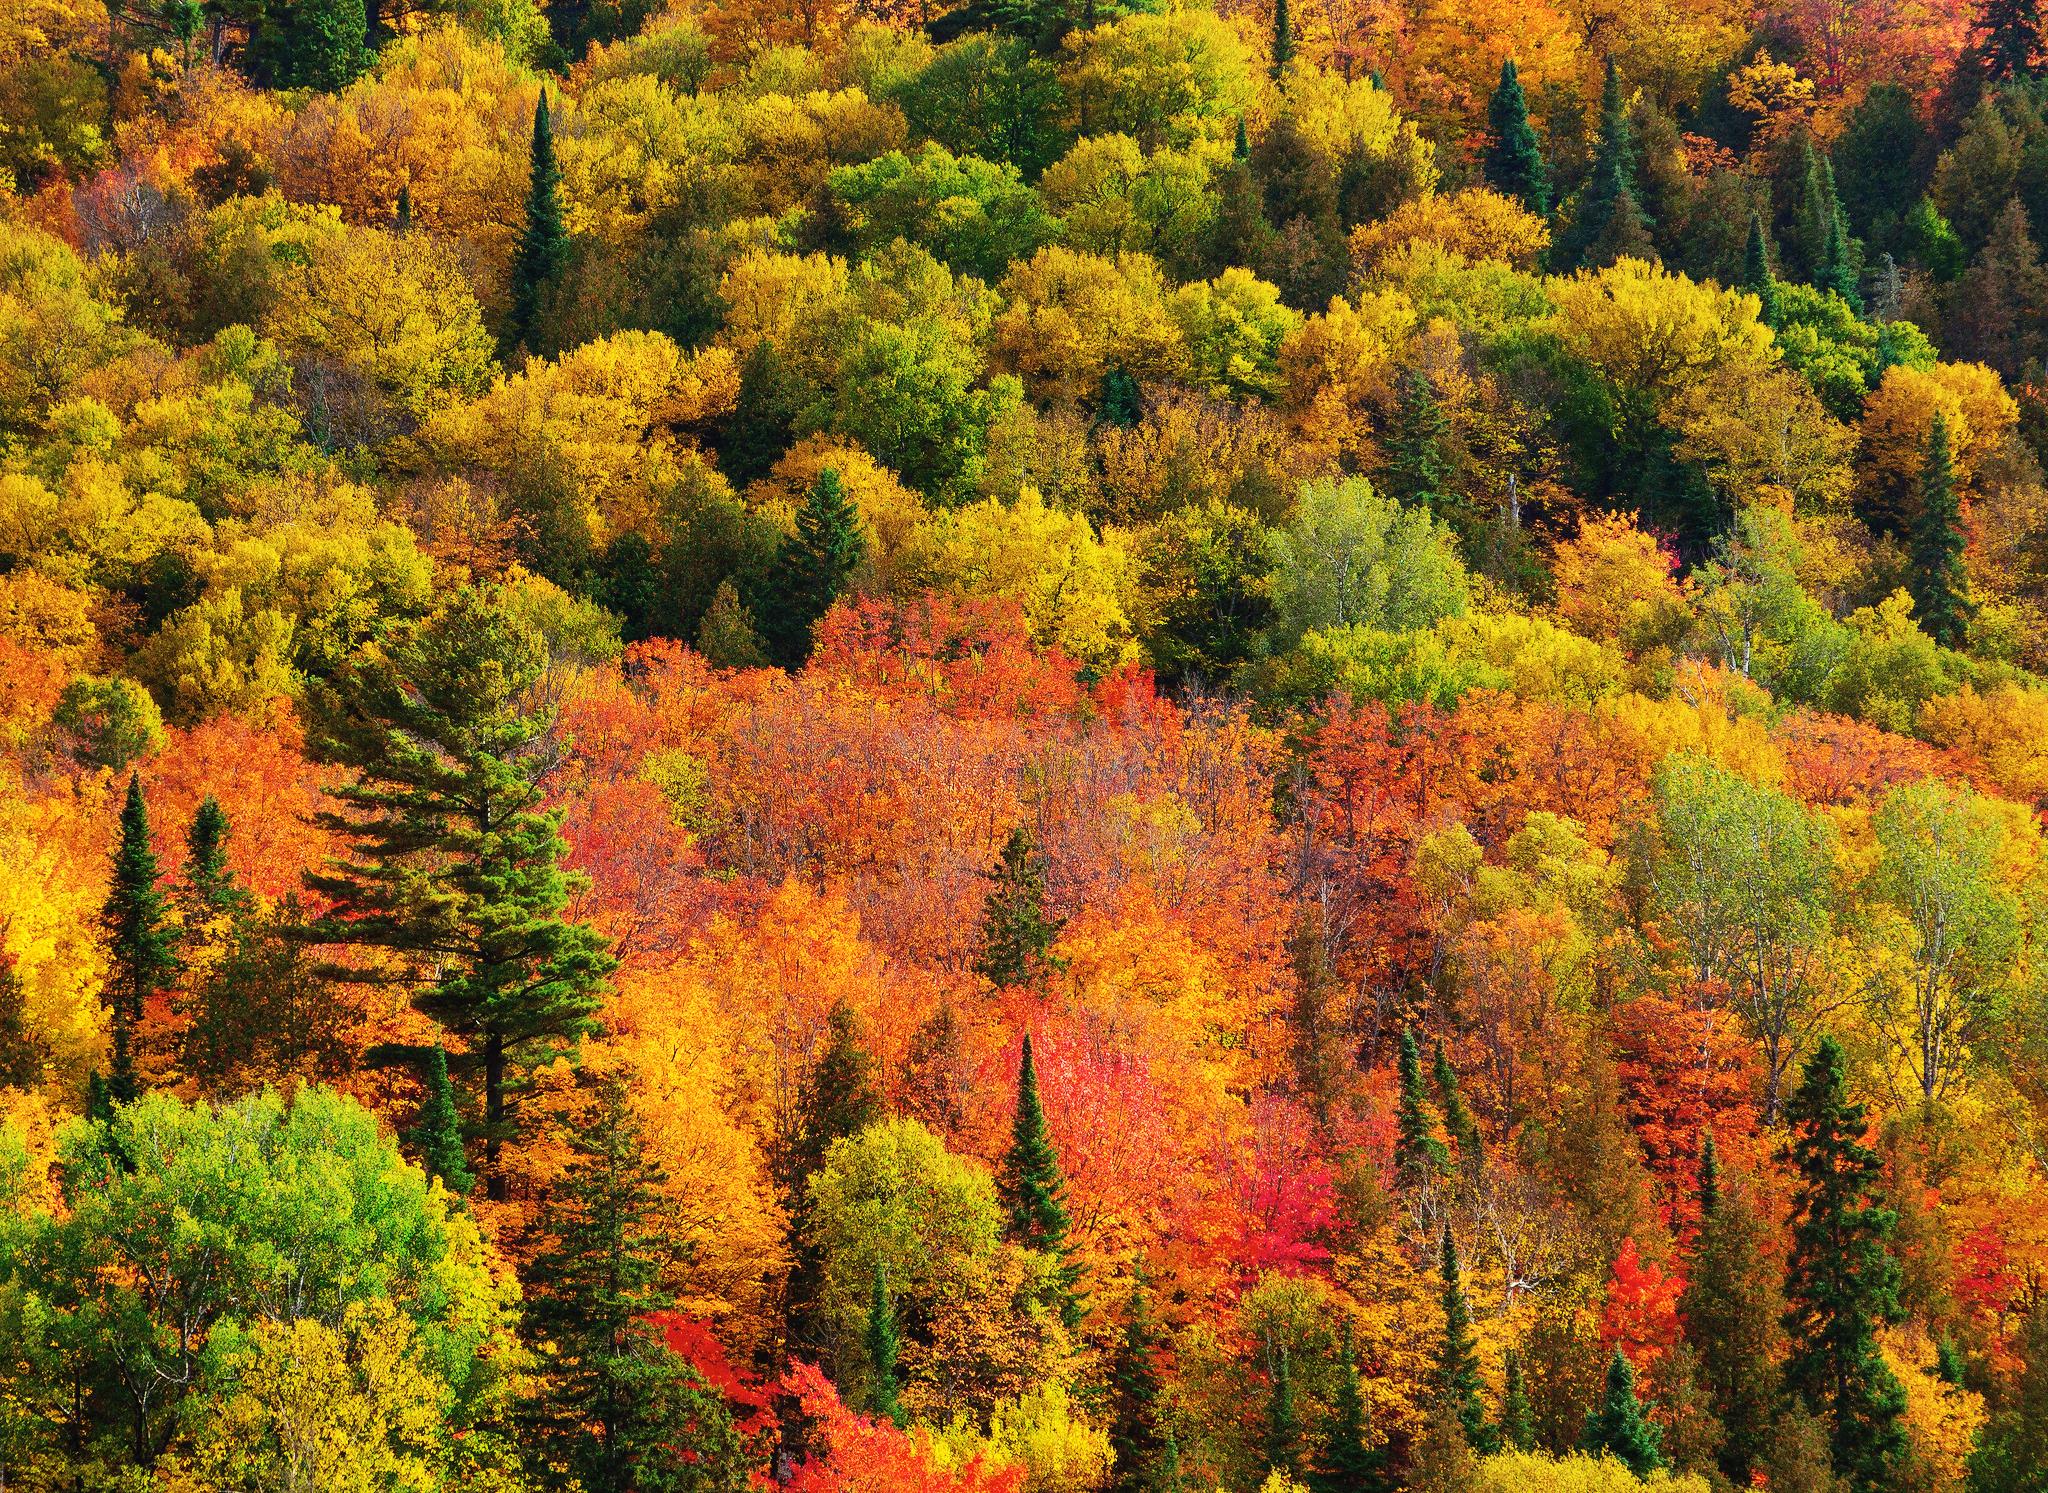 красота осеннего леса фото сочетания одежде